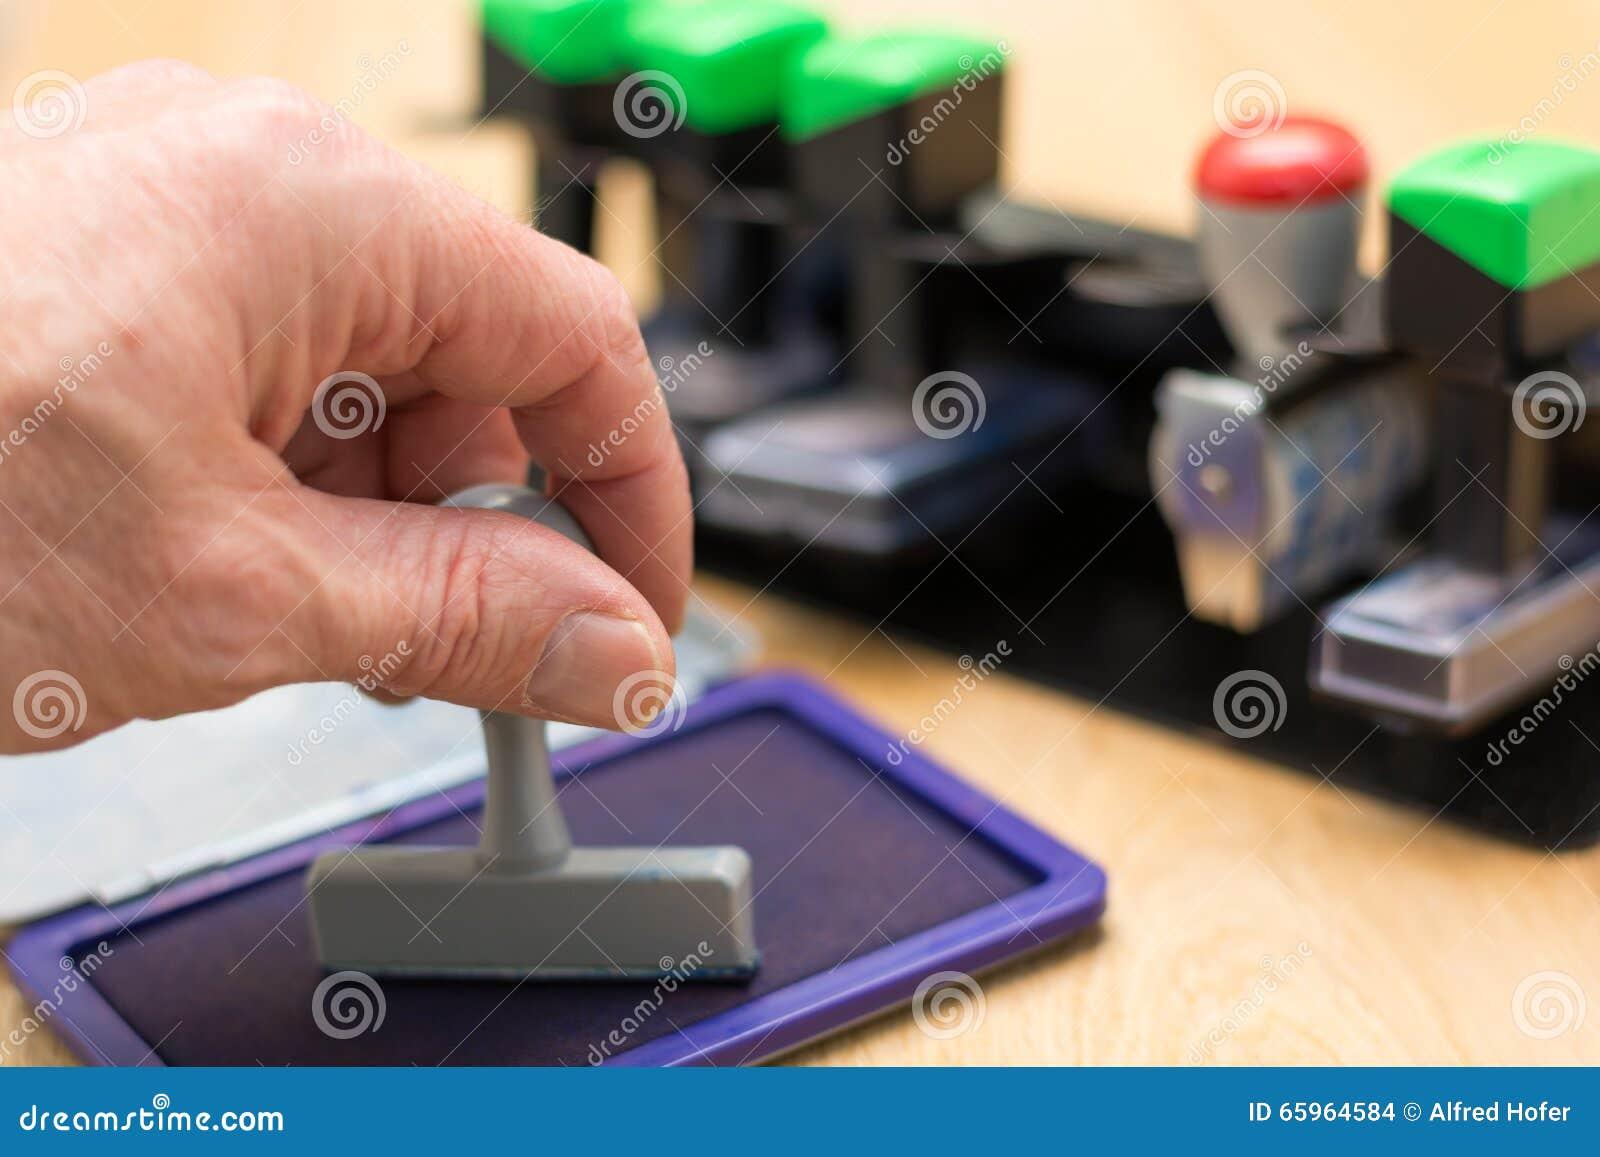 Hand presses stamp in stamp pad - Closeup